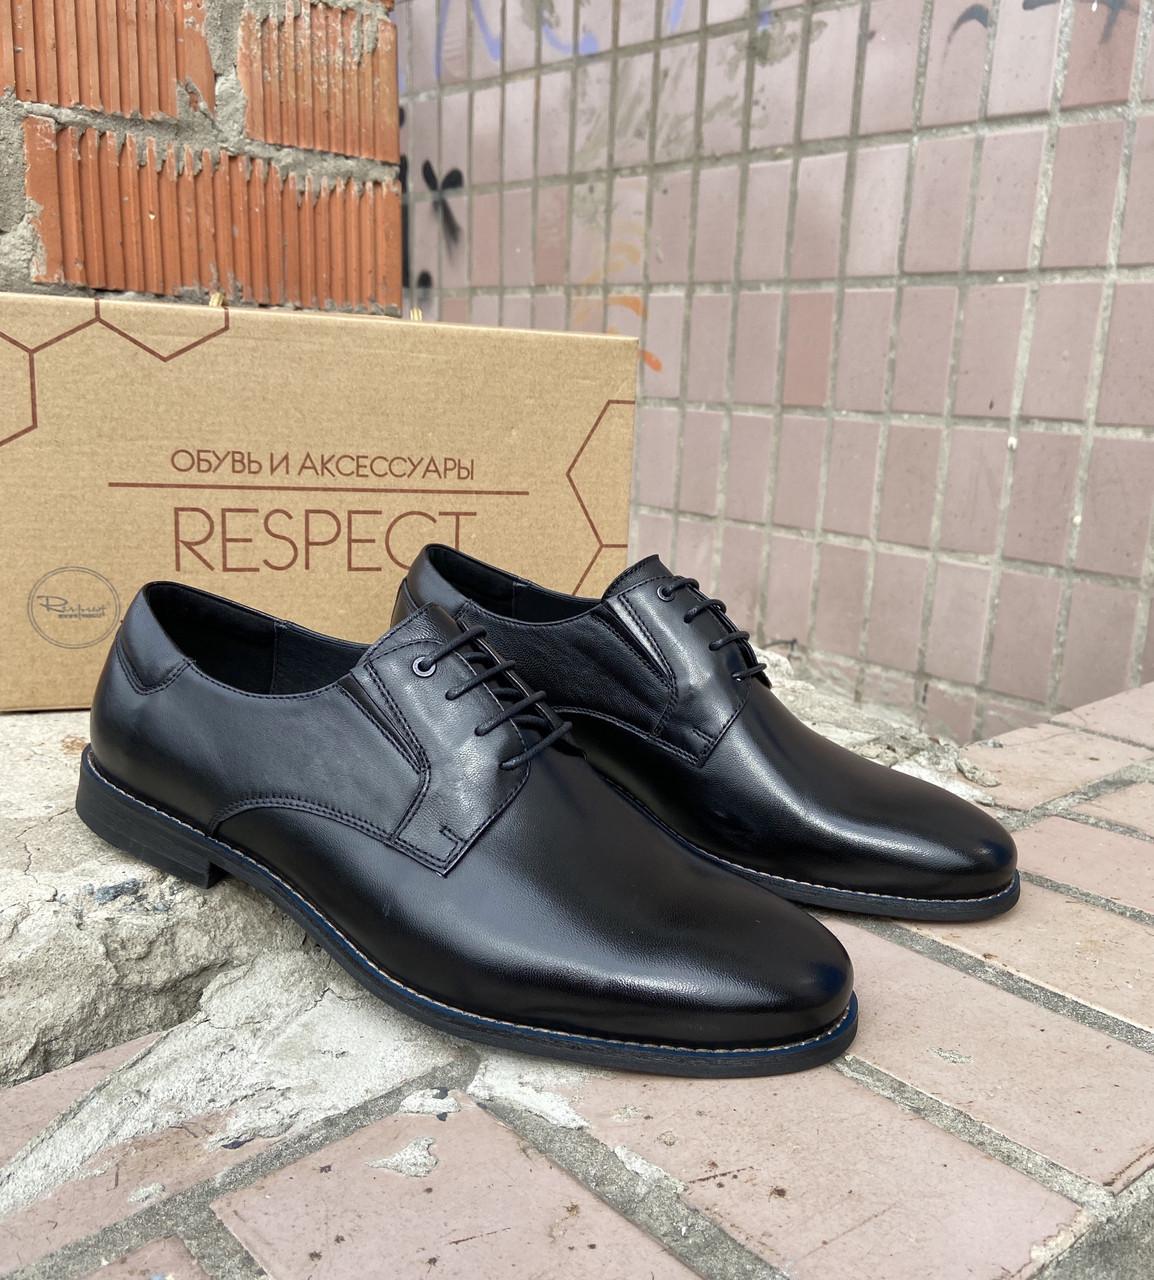 Чоловічі туфлі respect натуральна шкіра 43